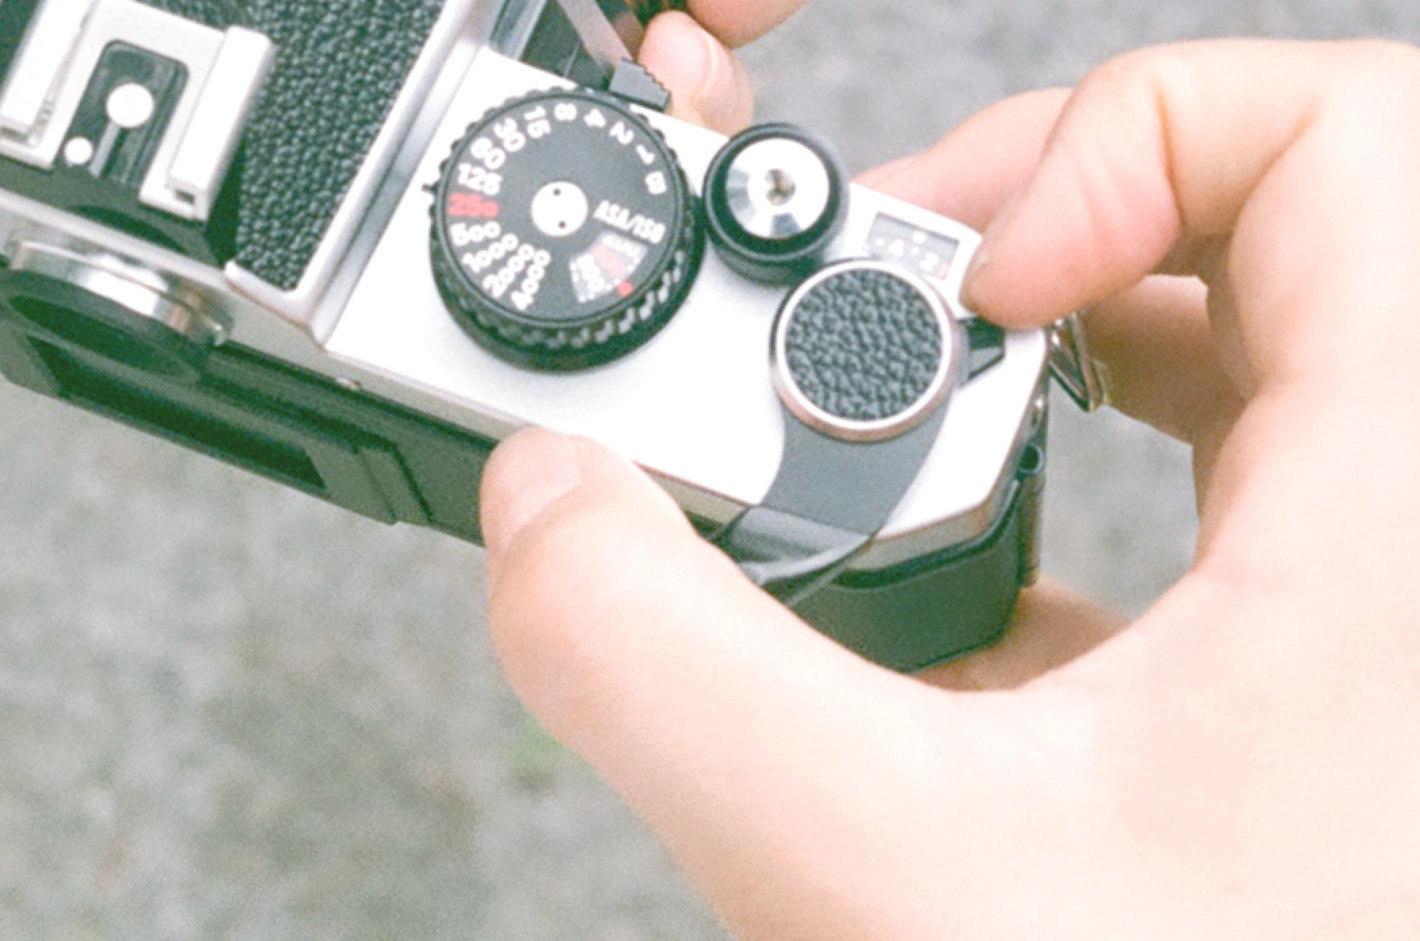 恋するフィルムカメラ ~海辺とフォトさんぽ in the summer time~